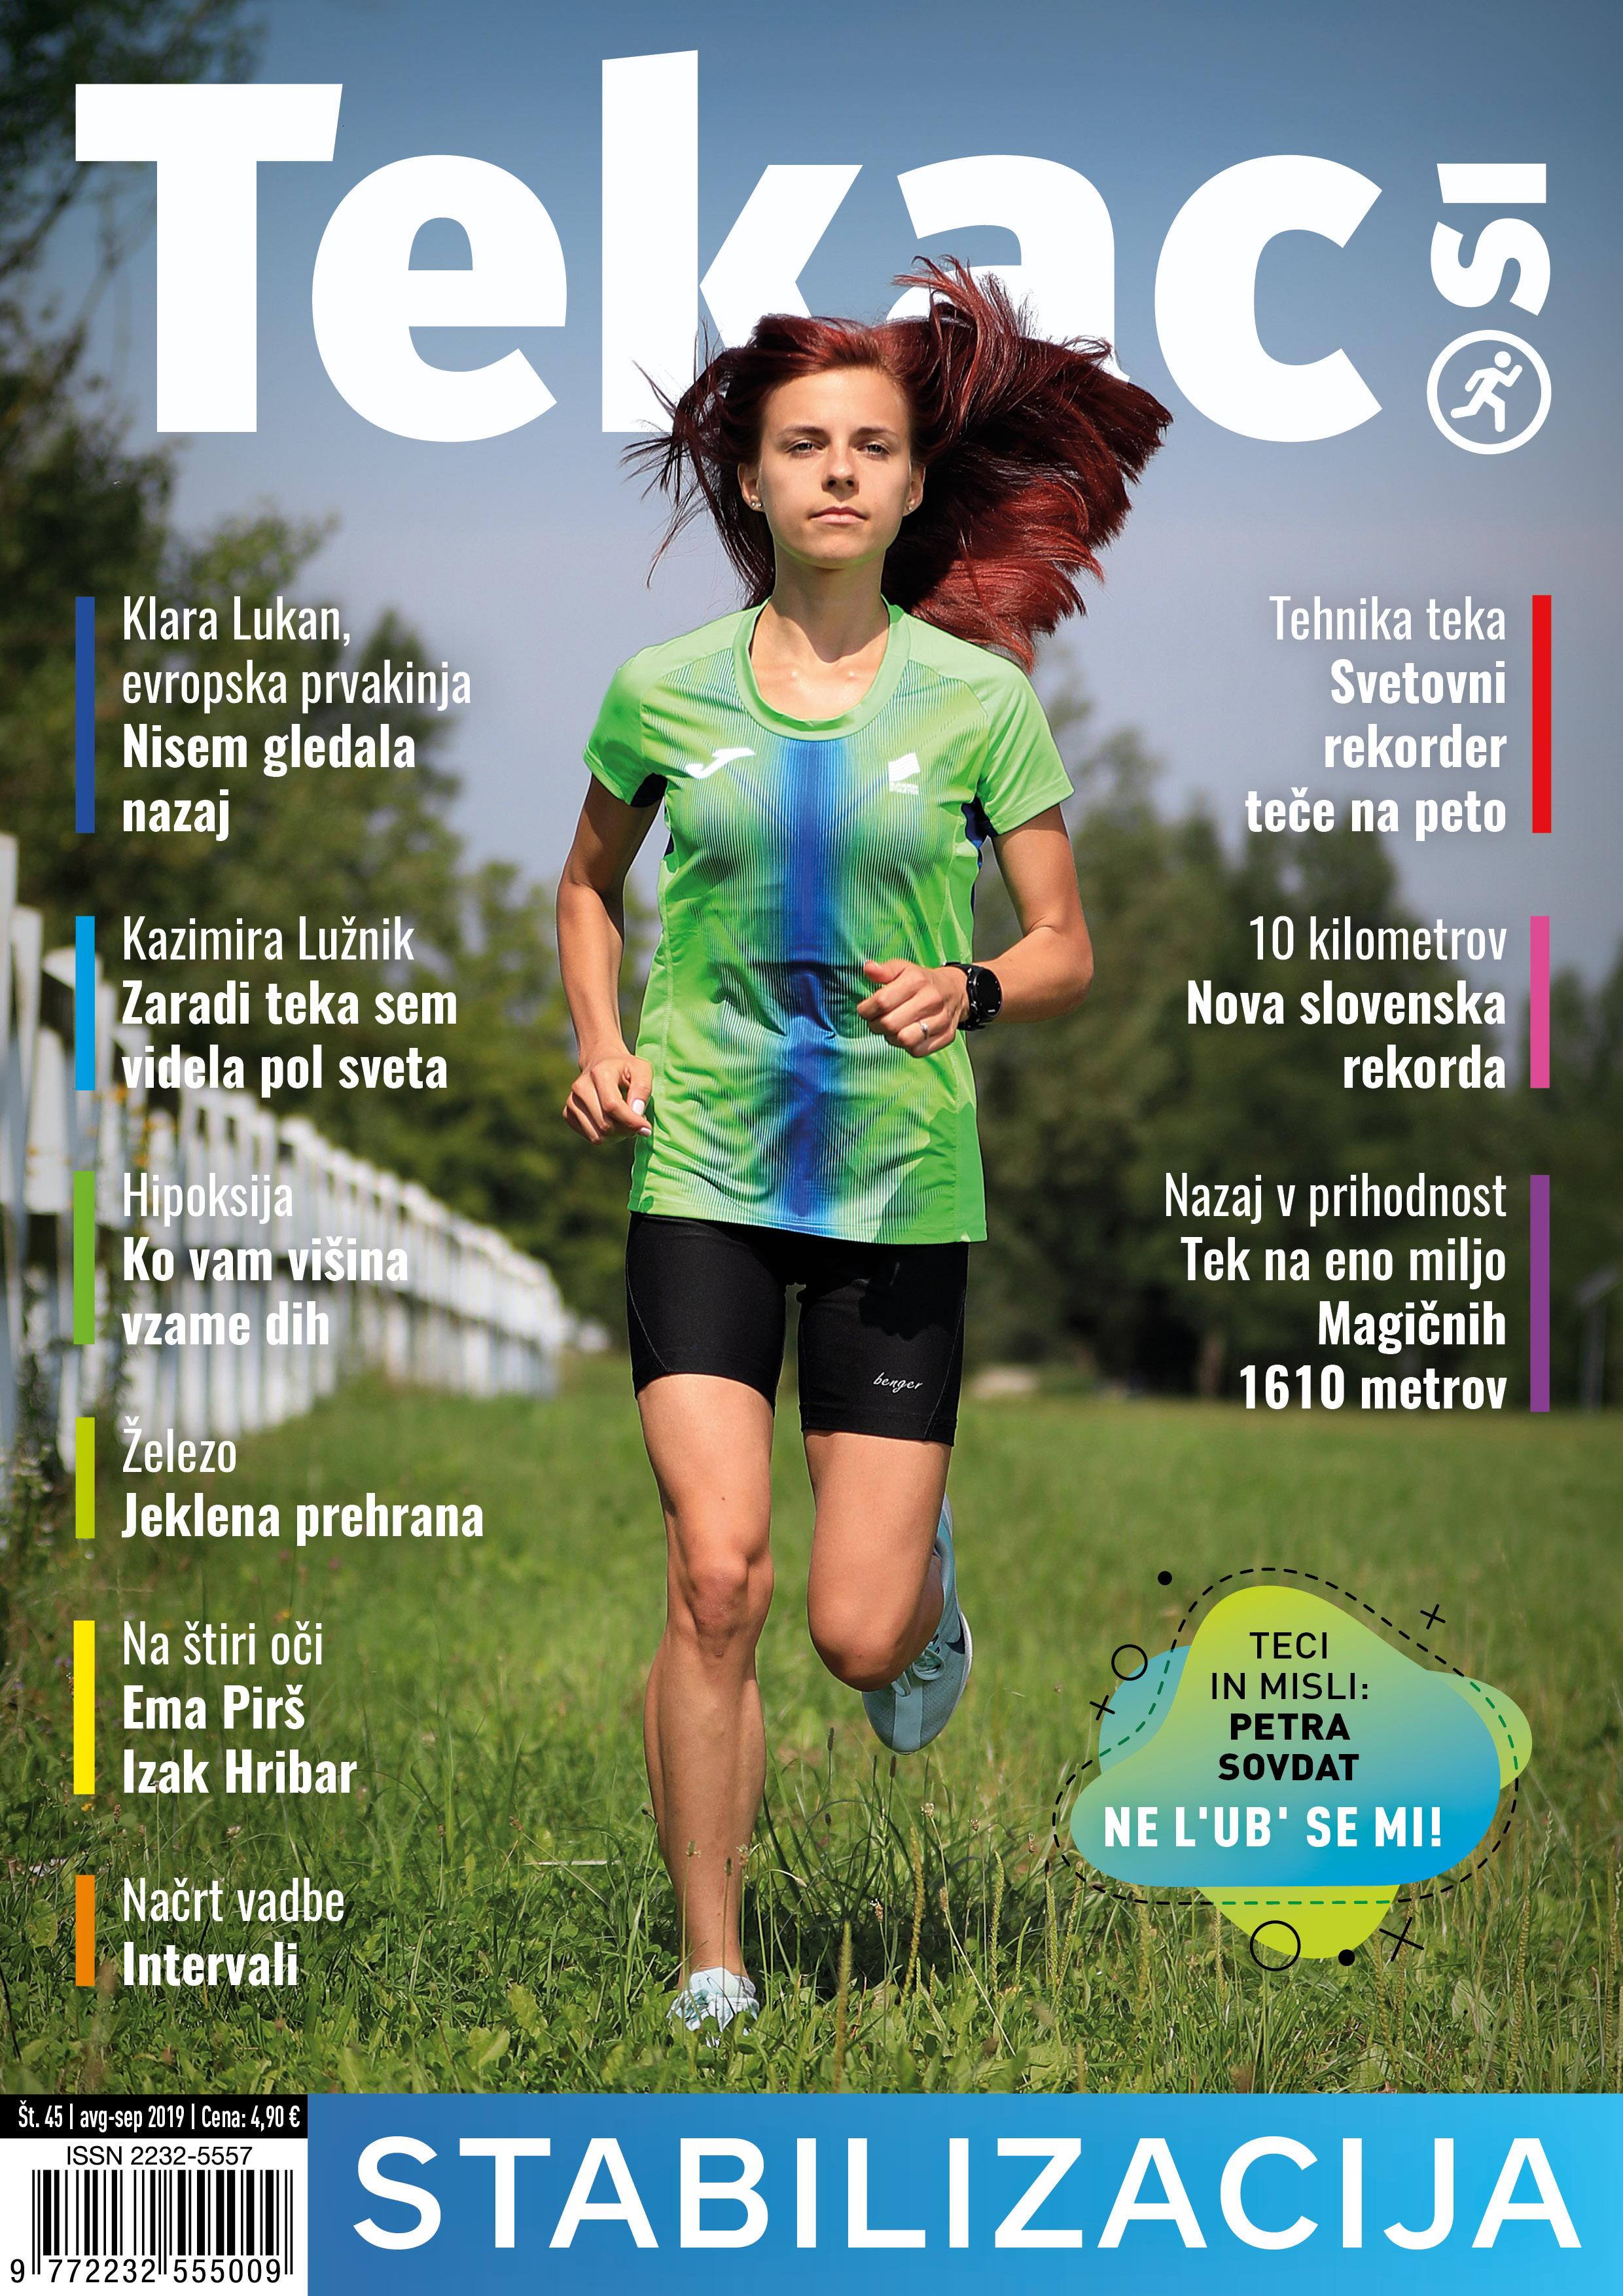 Zdravo tekmovanje - revija Tekac.si 45 avg-sep